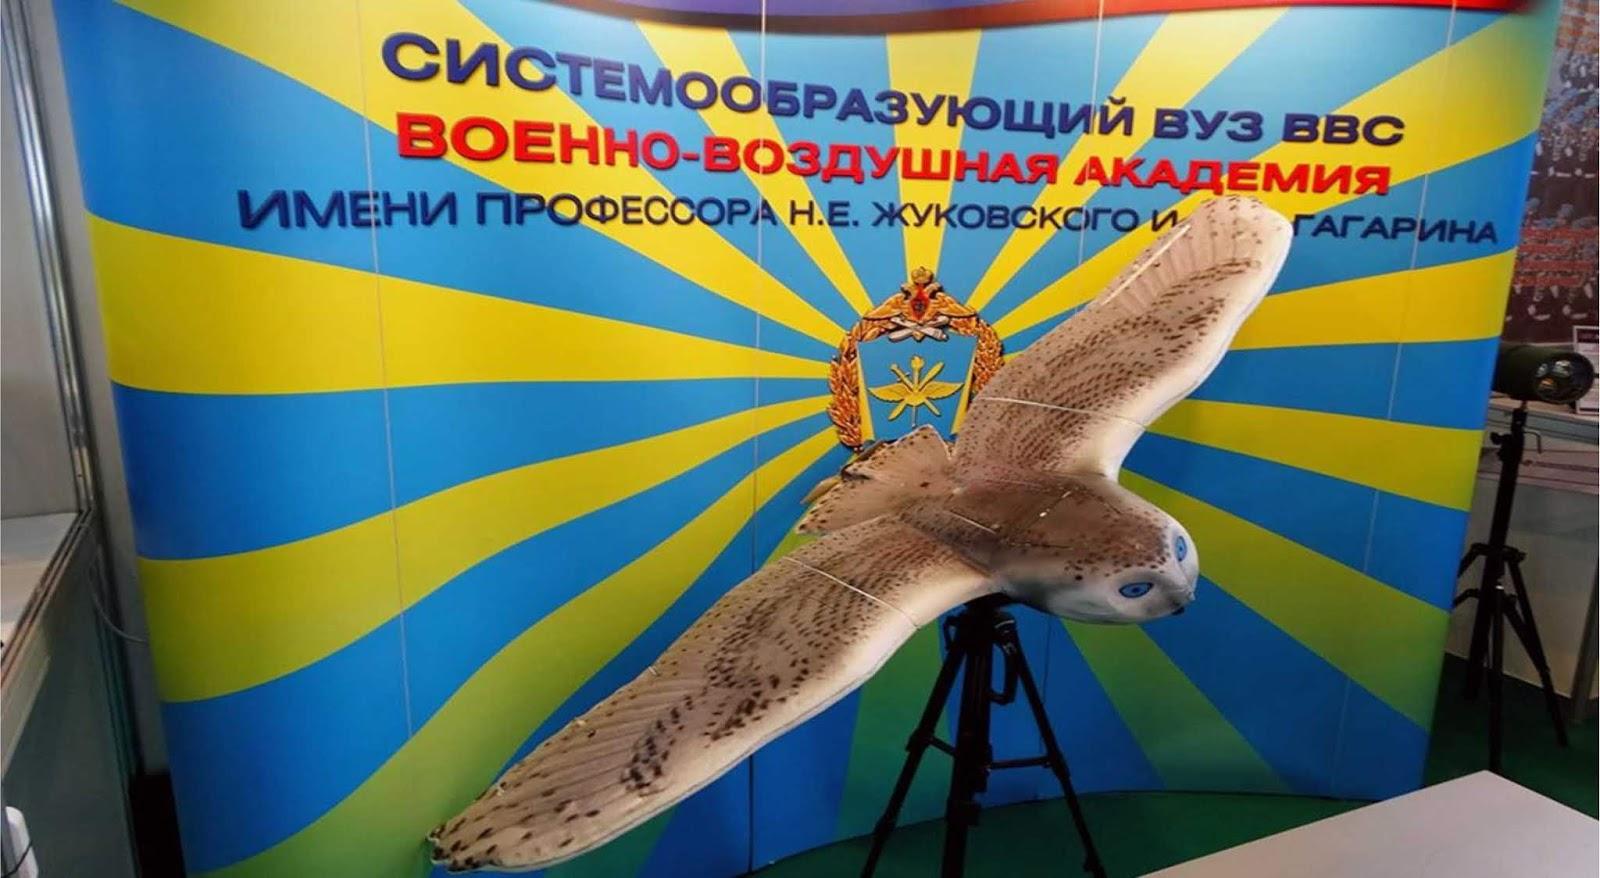 Biomorfik Burung Hantu Rusia akan berburu tank